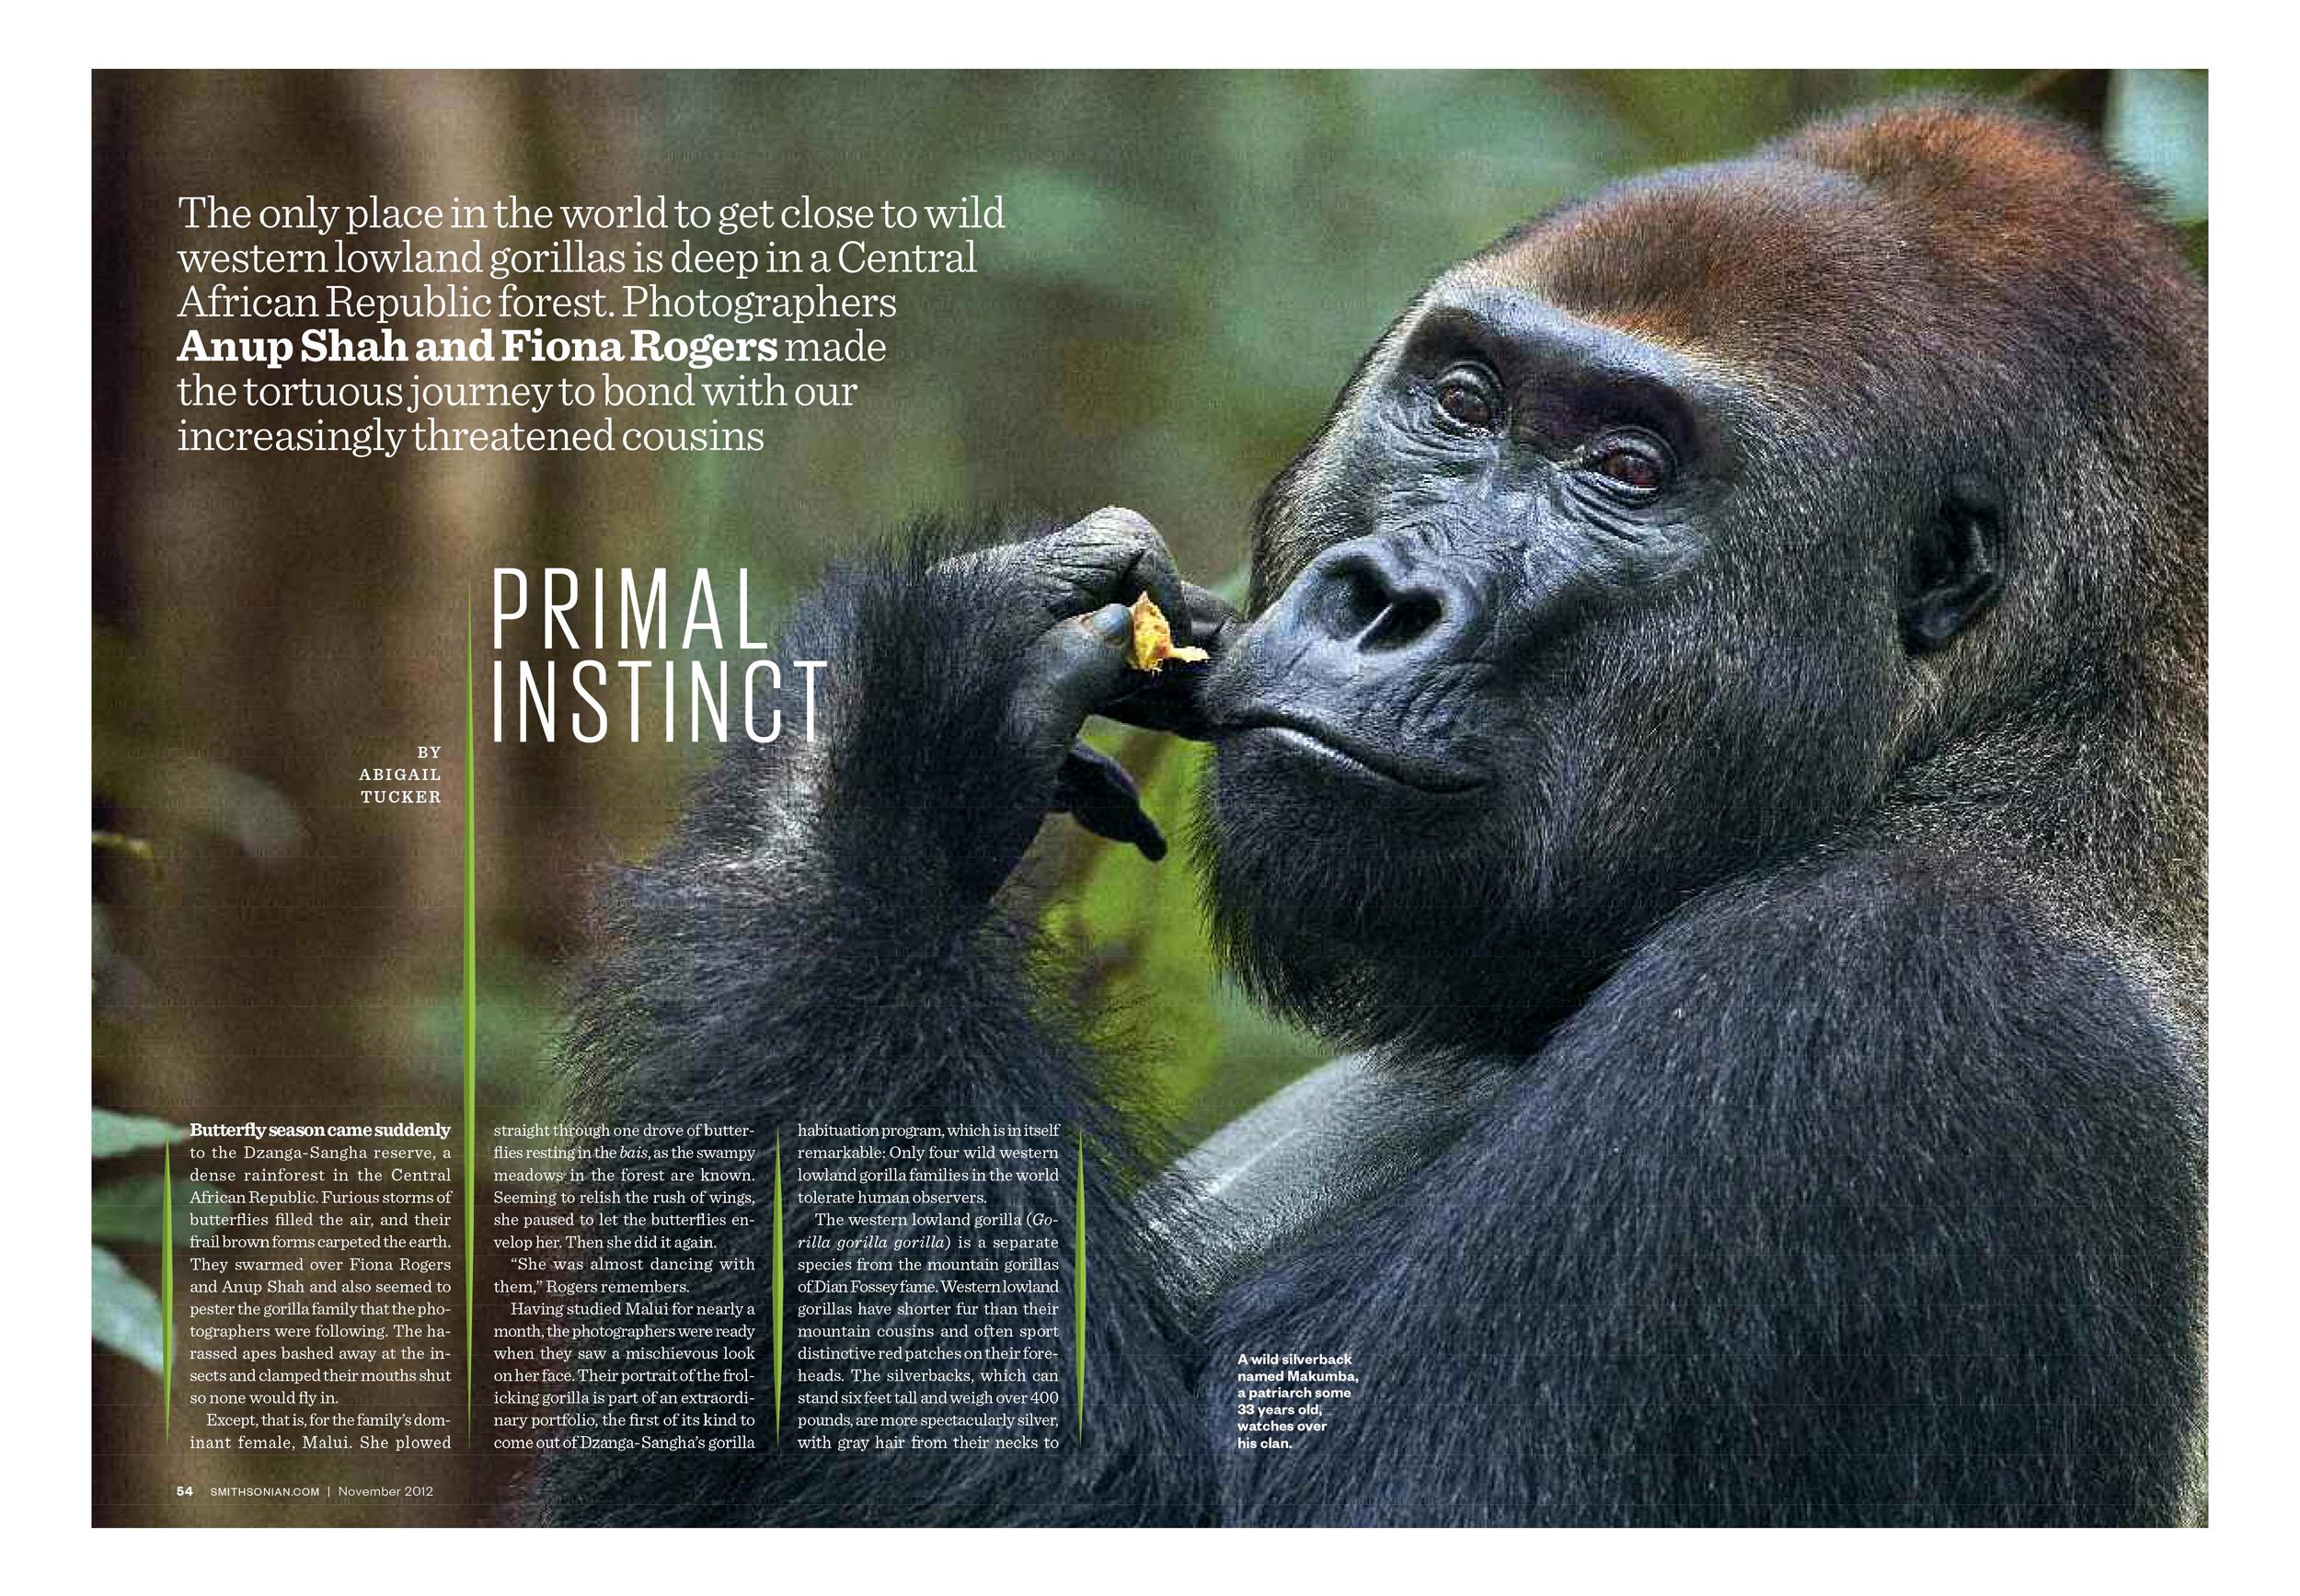 Gorillas_Page_1 copy.jpg